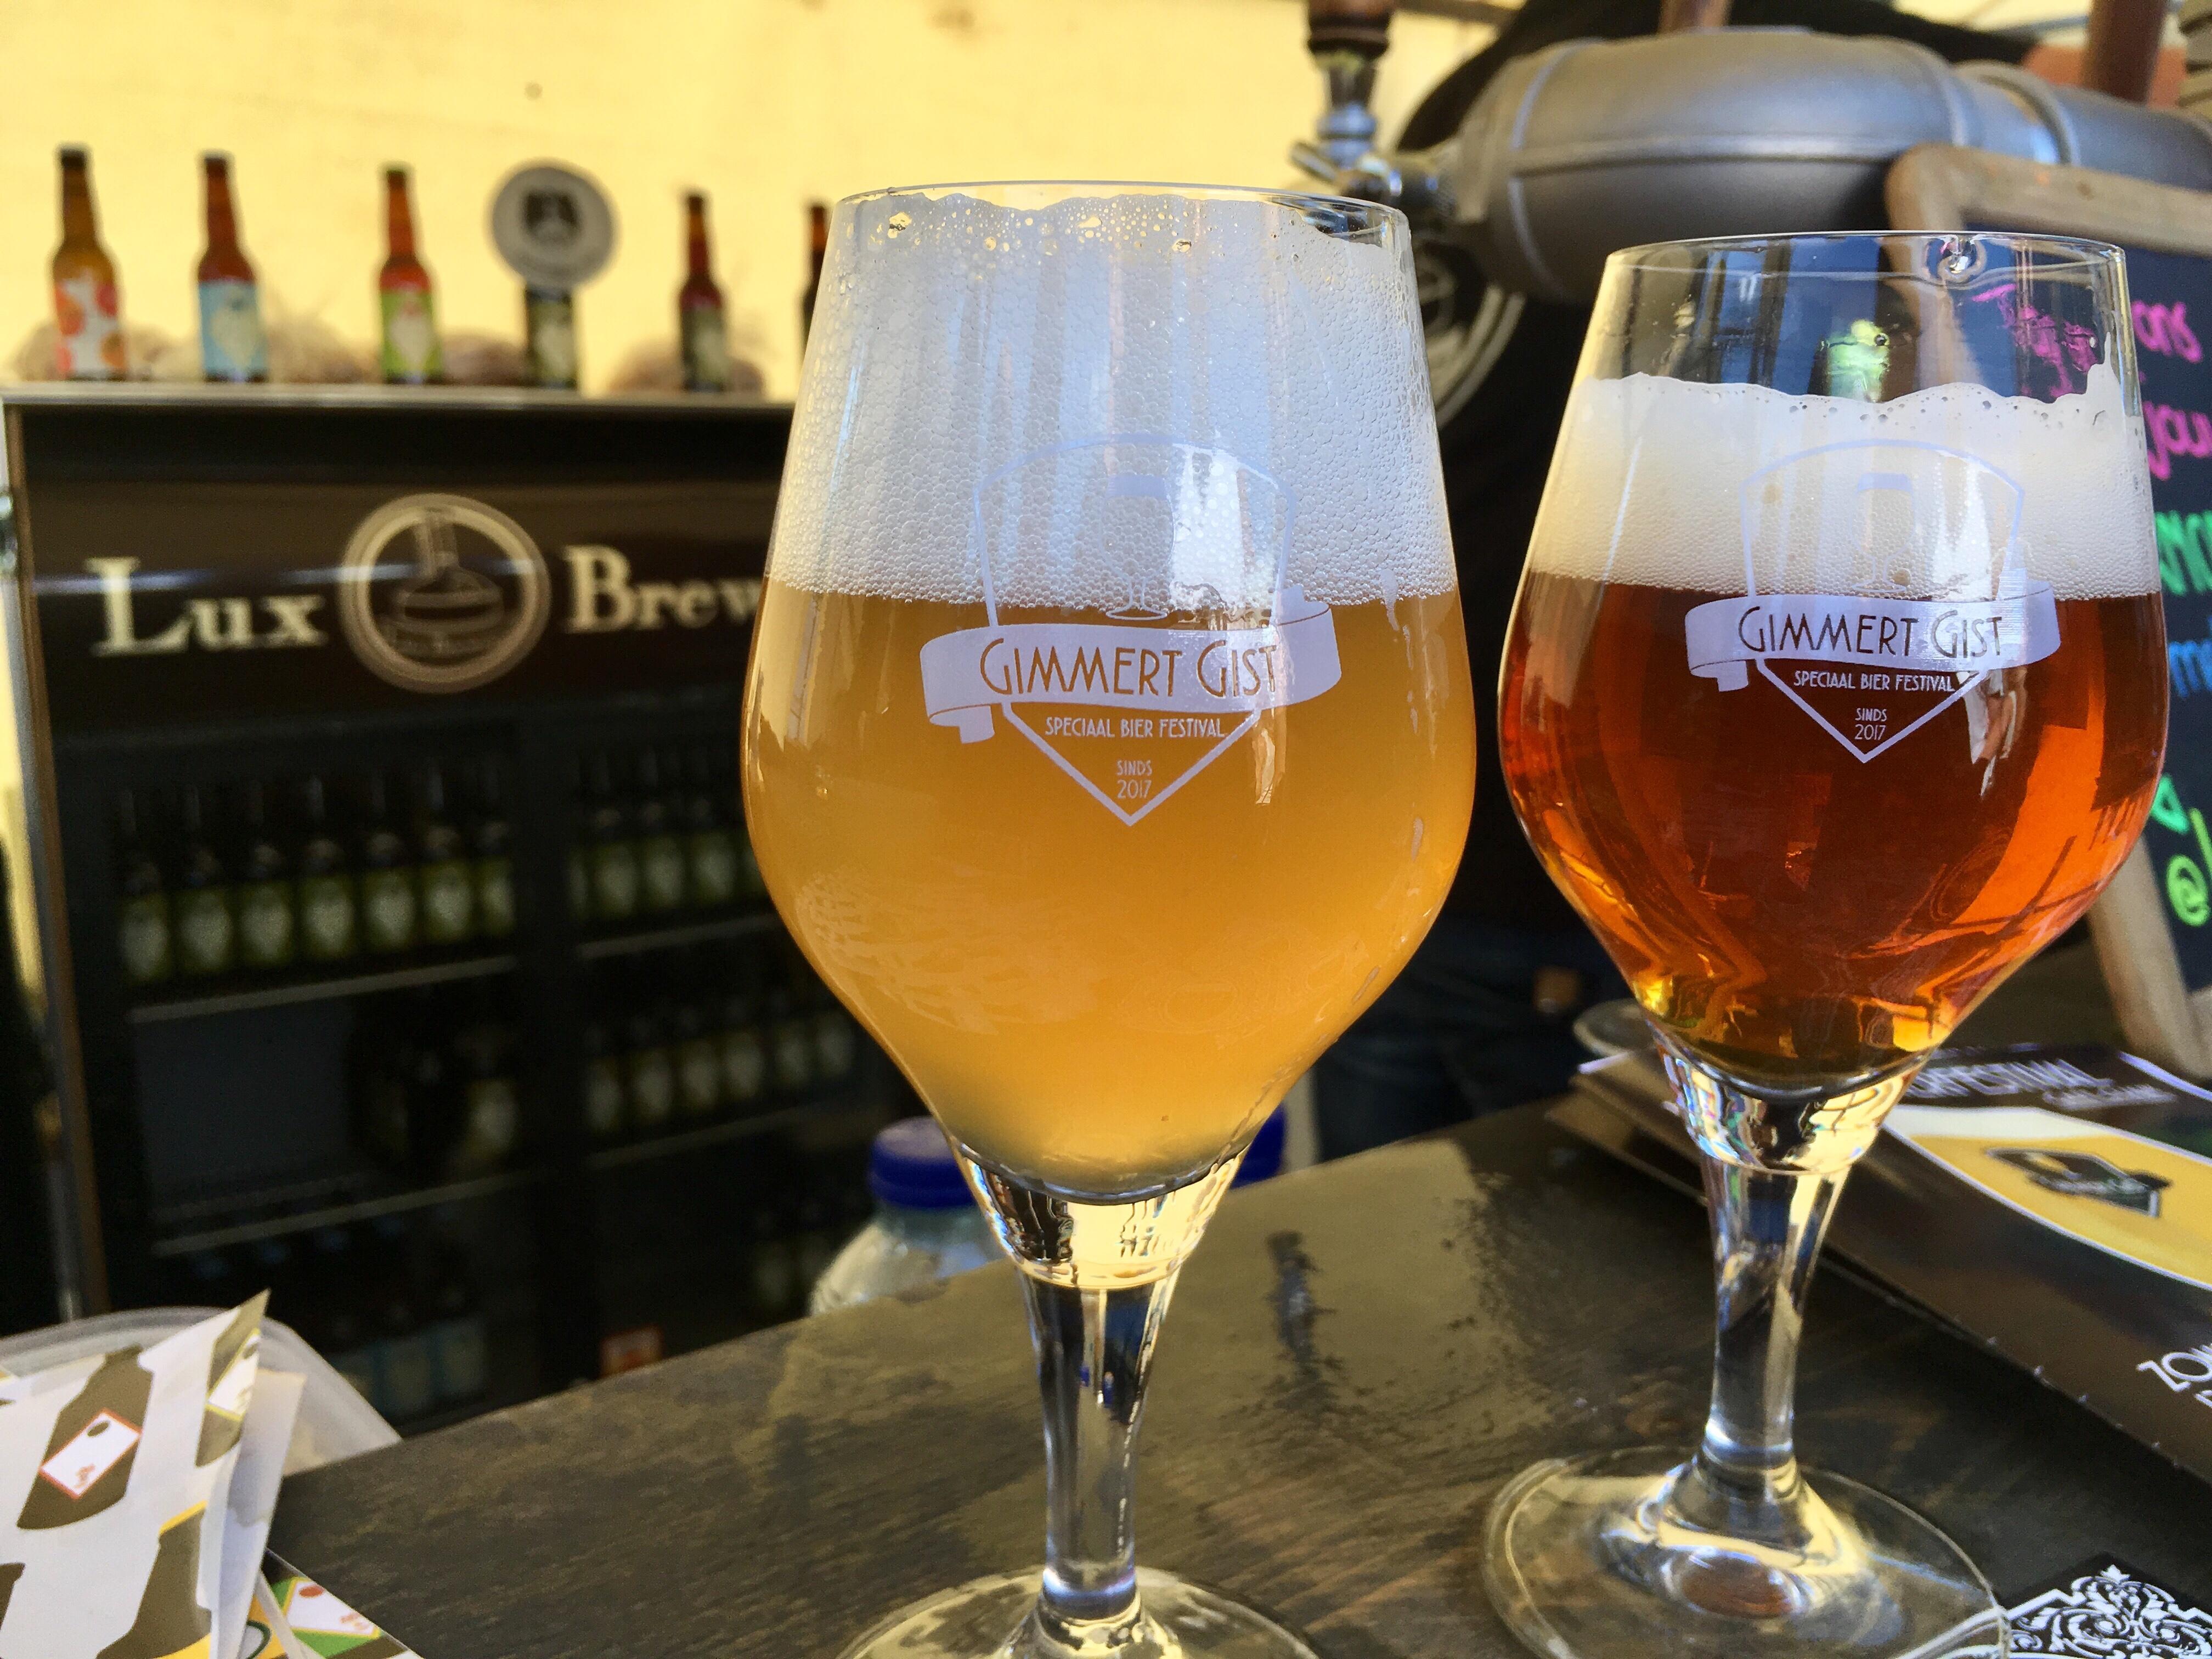 Lux Brewery Eindhoven